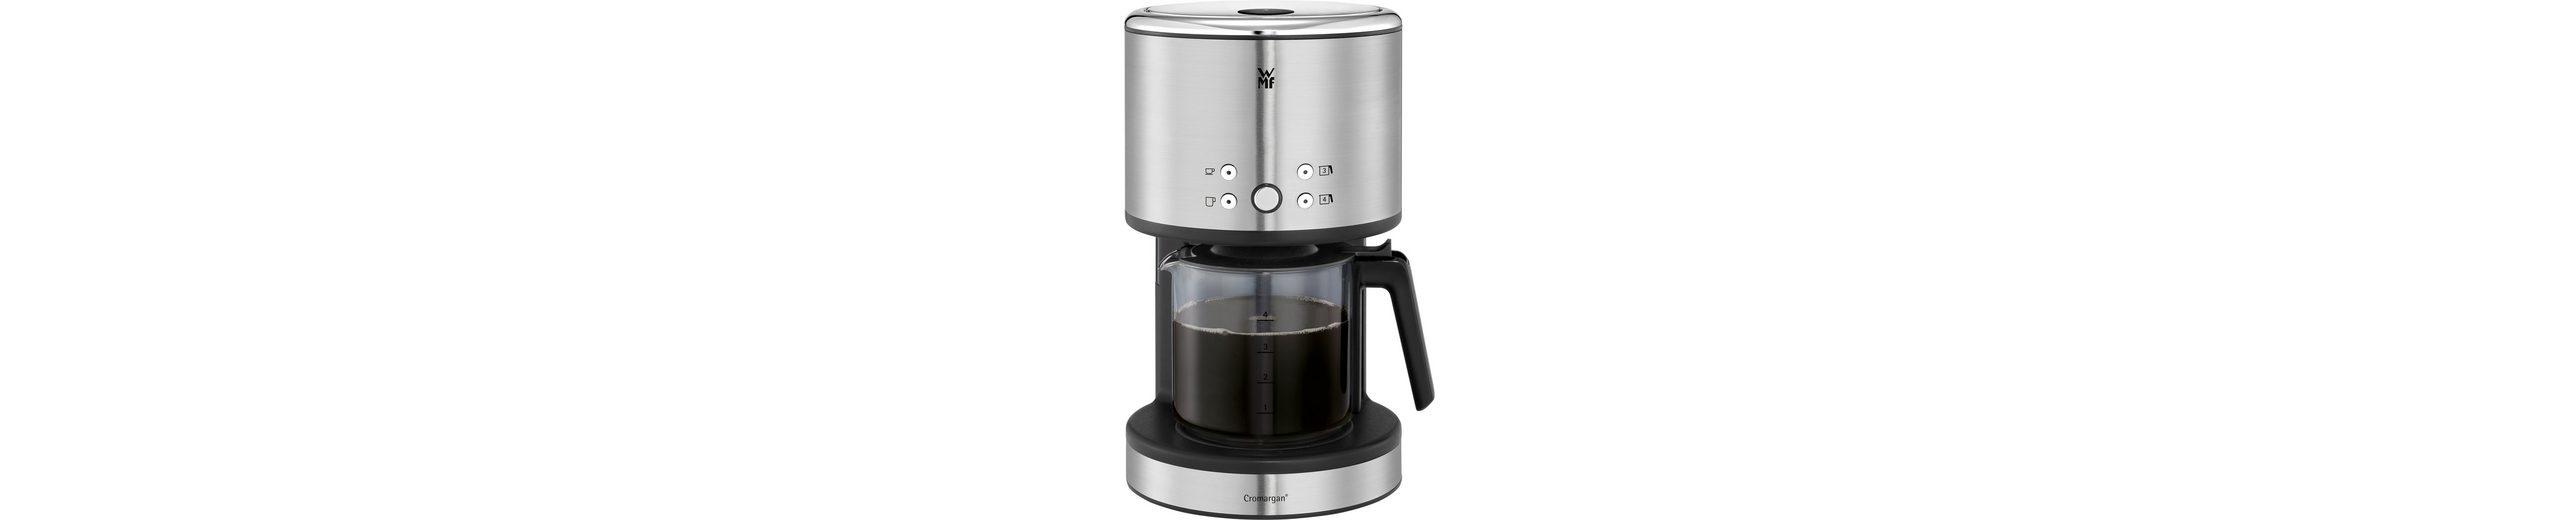 WMF Kaffeemaschine Aroma One, 27,7 cm Höhe, 16,4 cm Breite